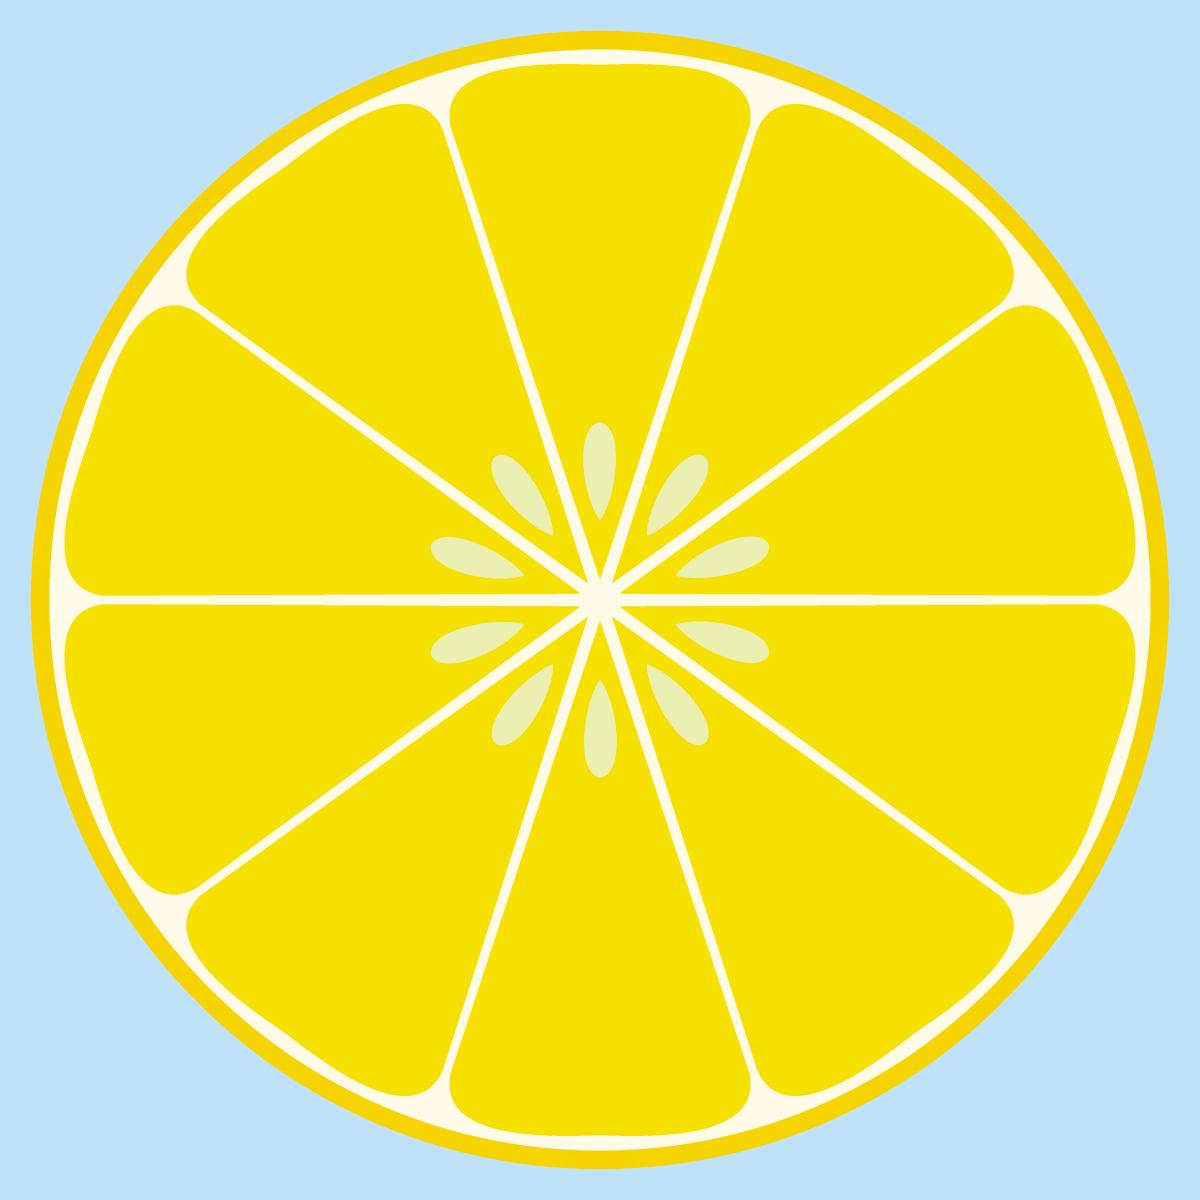 Lemon clip art 4